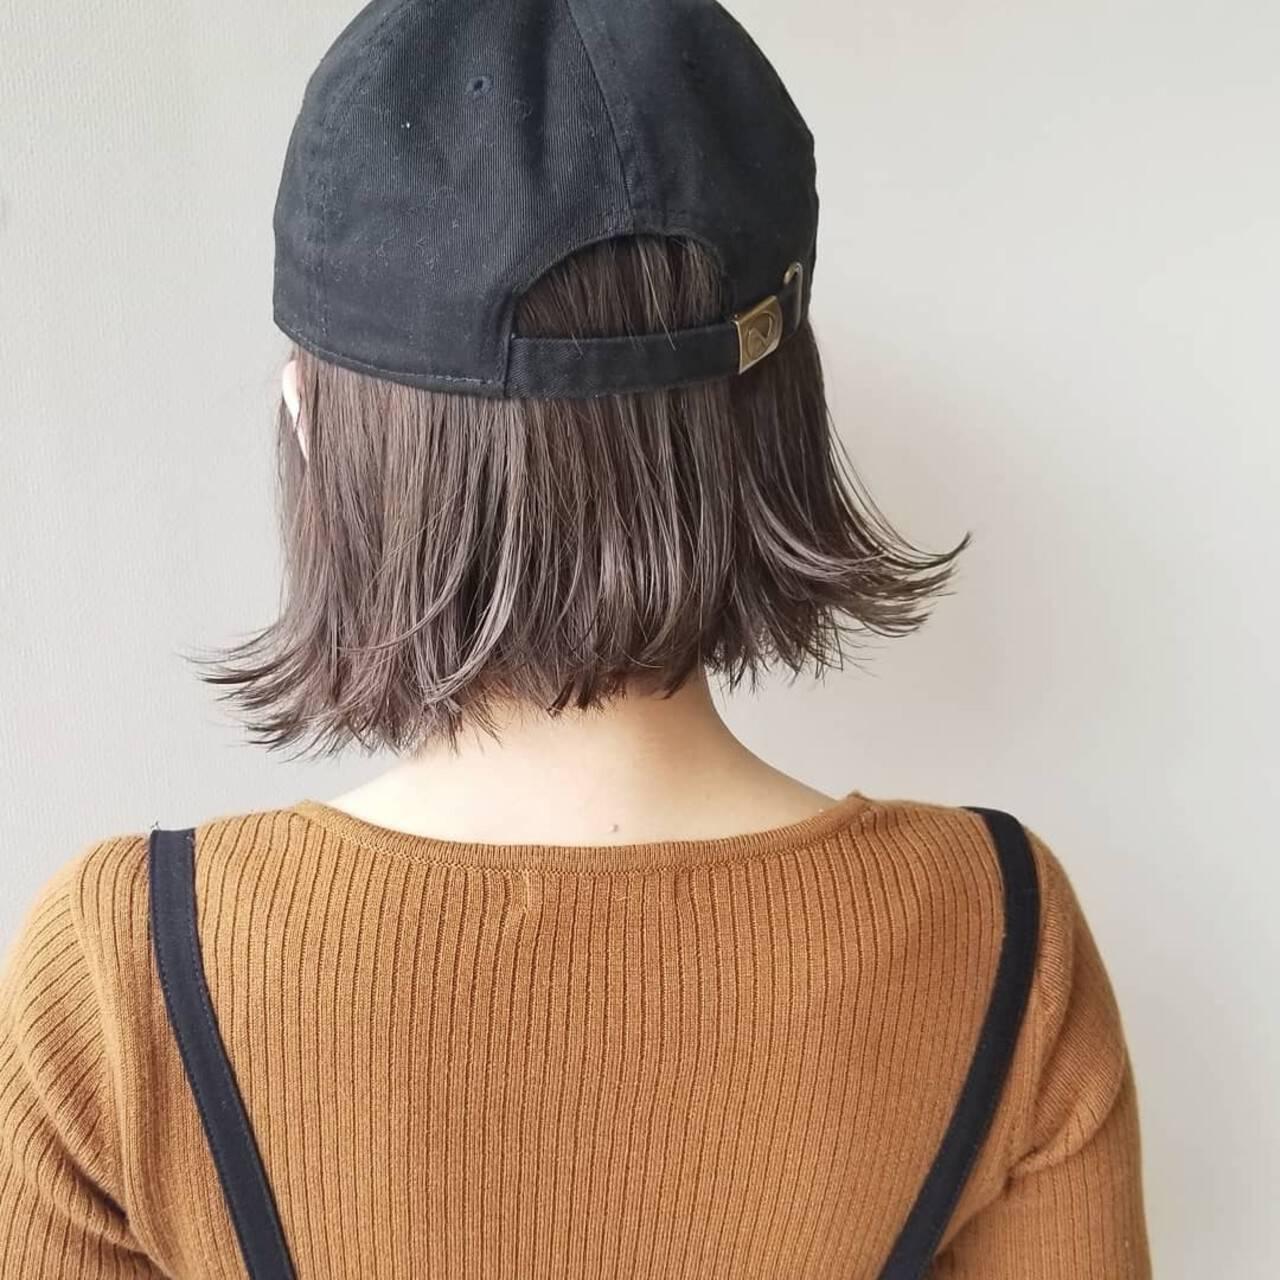 ナチュラル ミルクティーベージュ キャップ イルミナカラーヘアスタイルや髪型の写真・画像